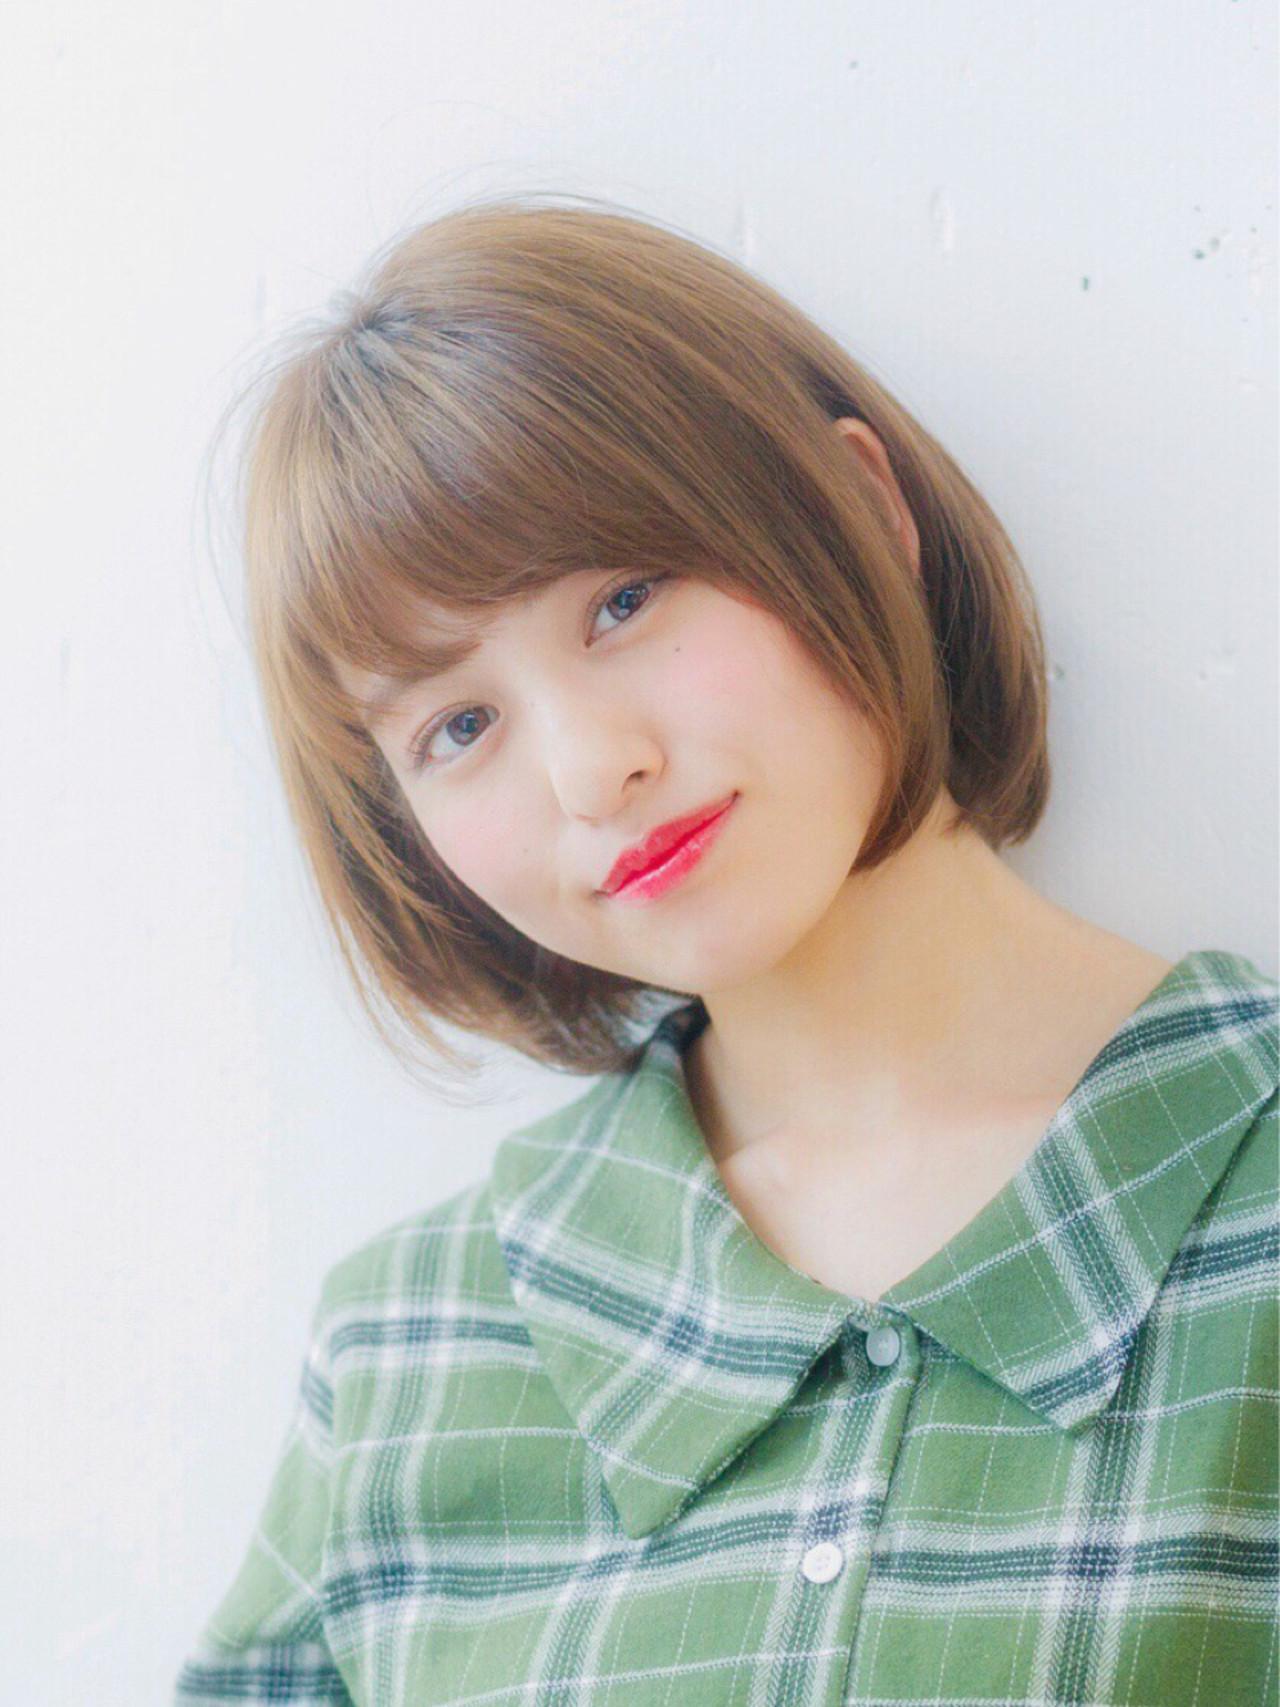 フェミニンさたっぷりの耳かけストレートボブ 大塚孝範 | hair salon ing (ヘア サロン イング)